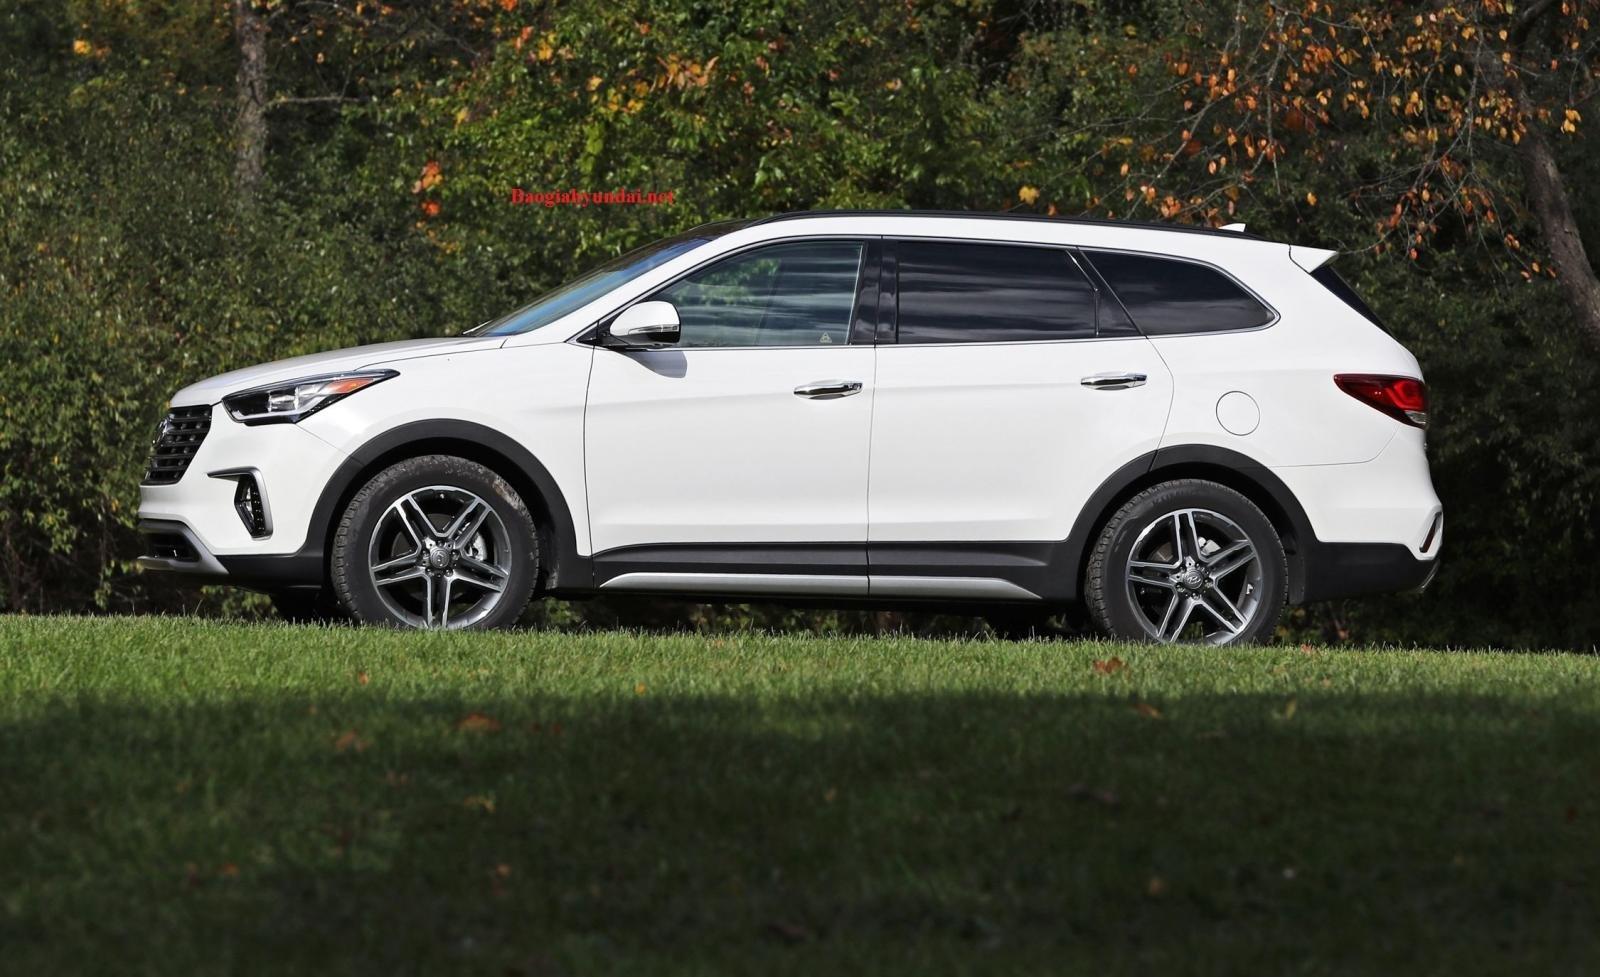 Đánh giá xe Hyundai SantaFe về thiết kế ngoại thất - 2